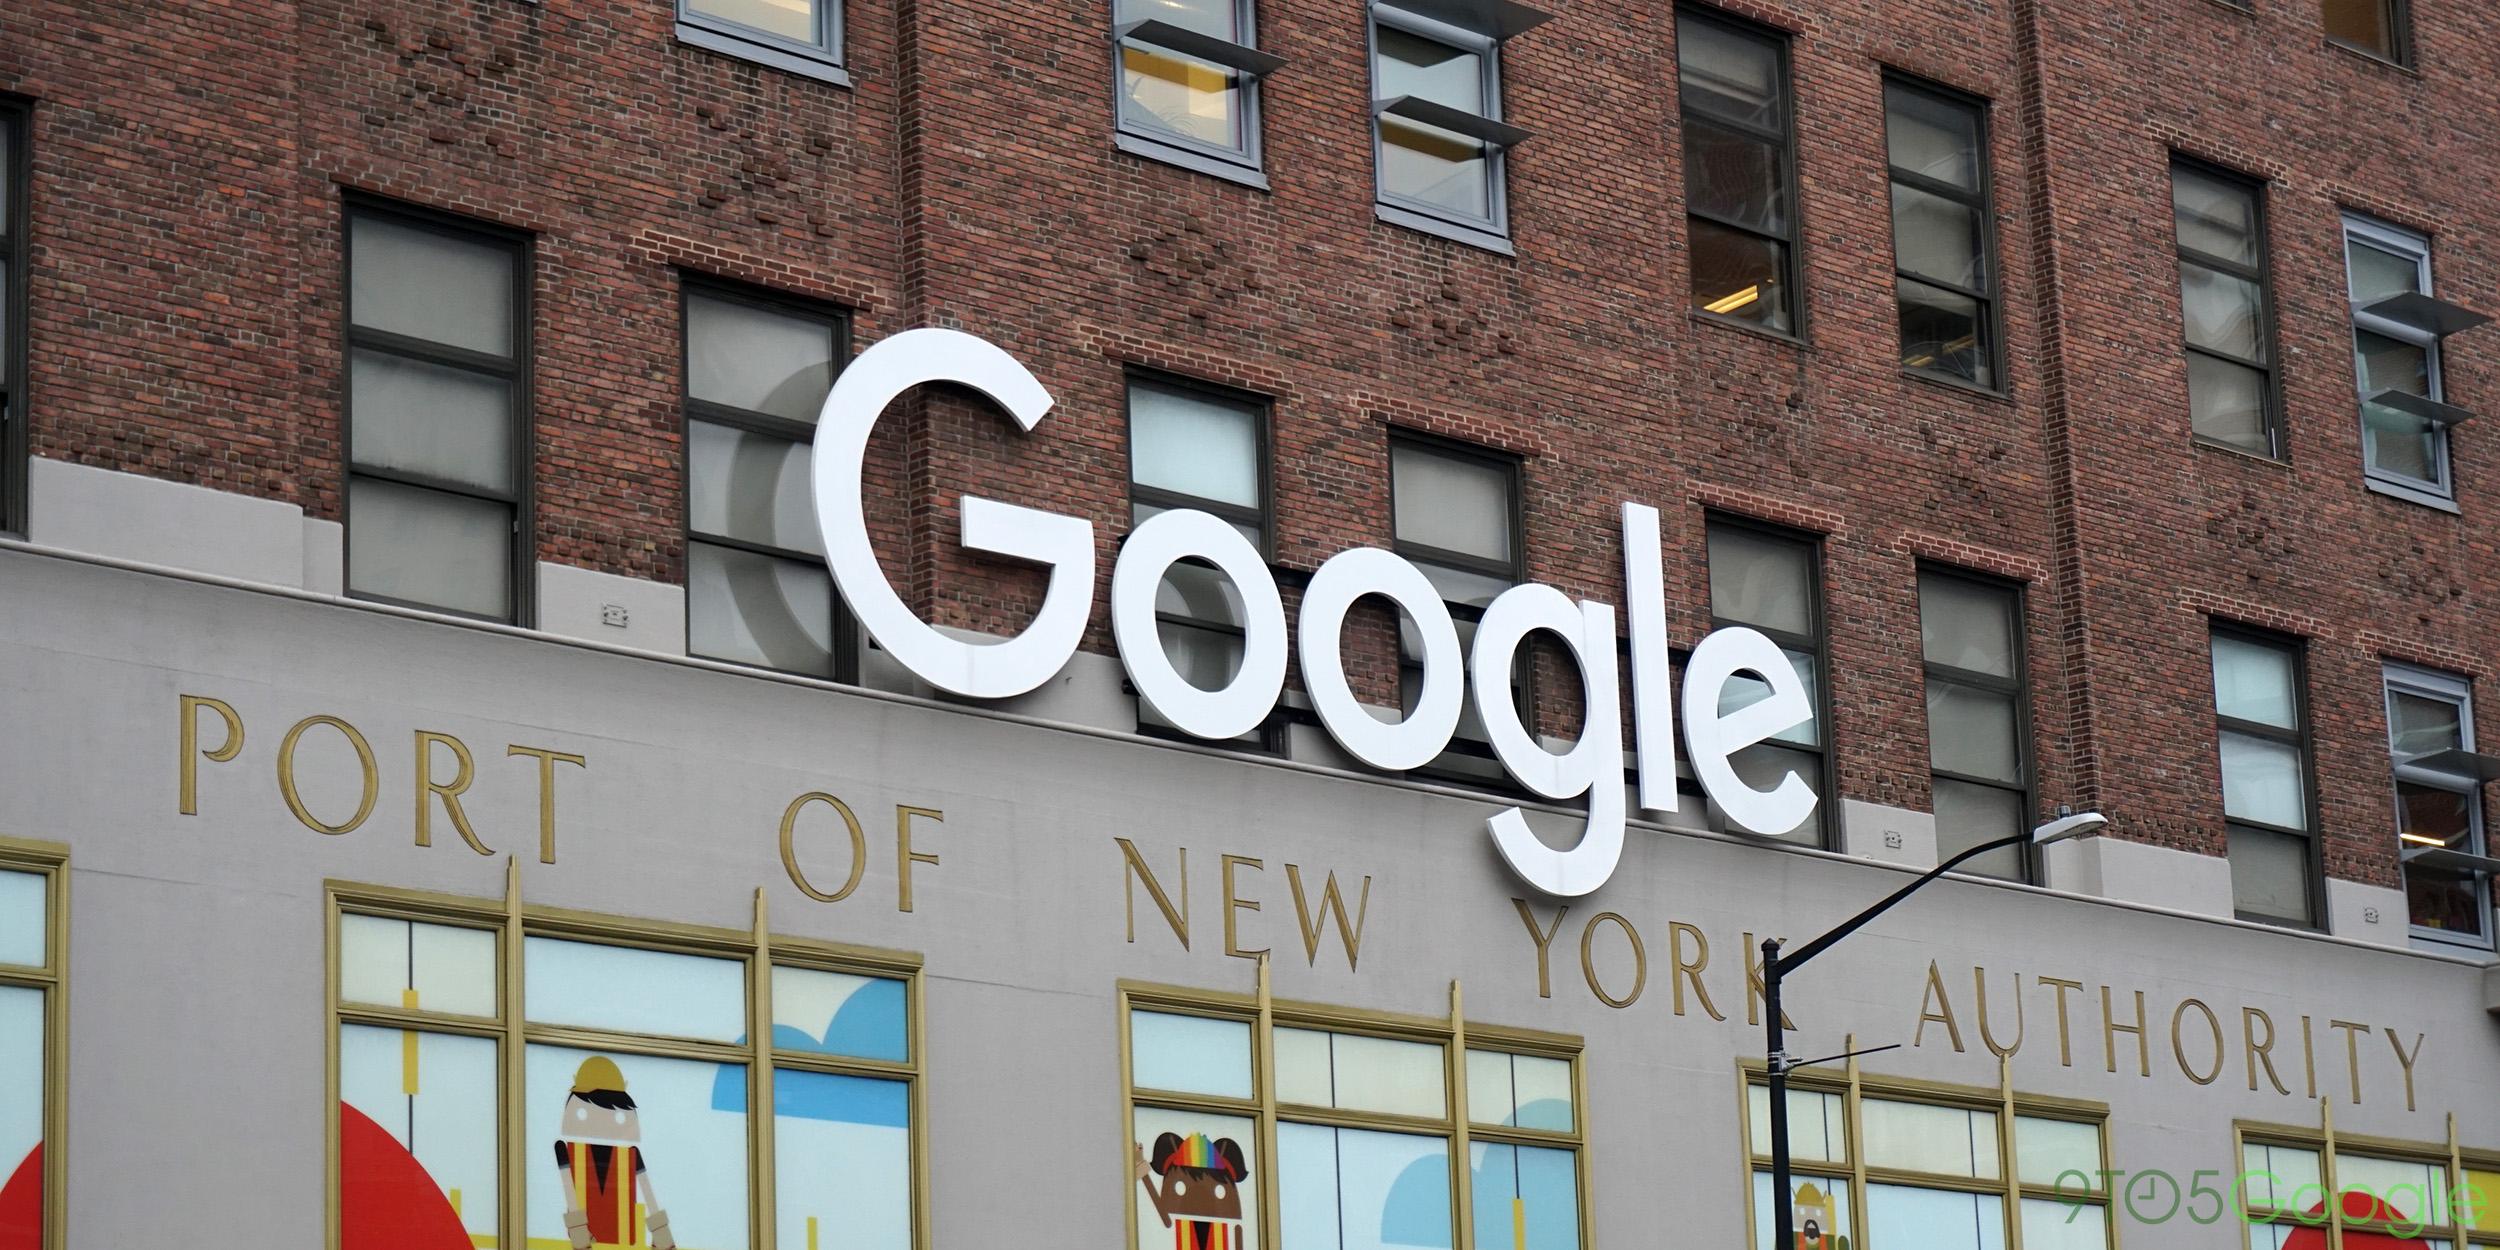 Googler, die sich gegen Project Maven ausgesprochen hatten, nannten 2018 Rüstungskontrollpersonen des Jahres